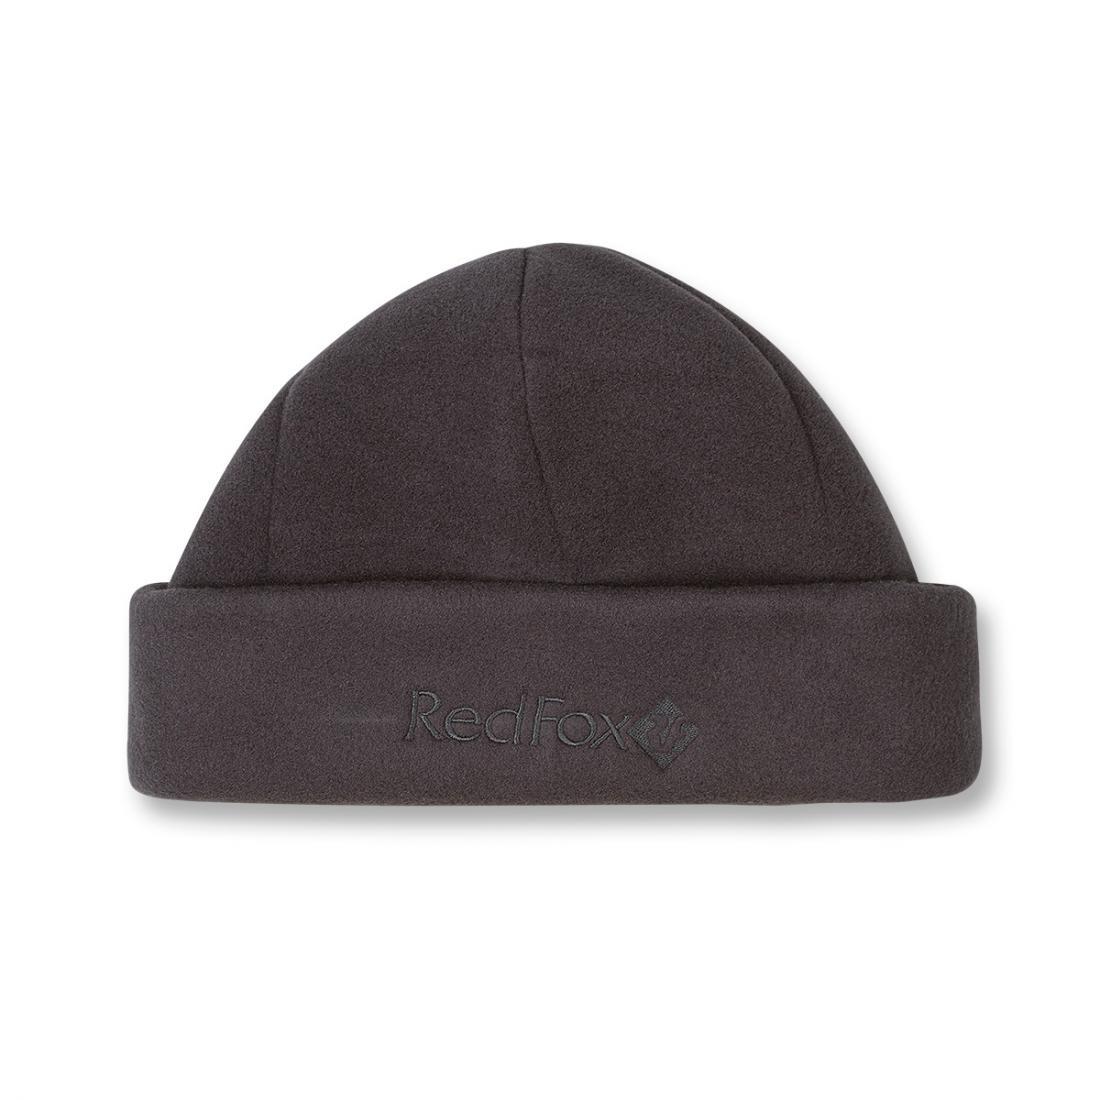 Шапка Polartec ClassicШапки<br><br> Теплая шапка классического дизайна из материала Polartec® 200<br><br><br> Основные характеристики<br><br><br>комфортная посадка<br>эргоном...<br><br>Цвет: Серый<br>Размер: 56